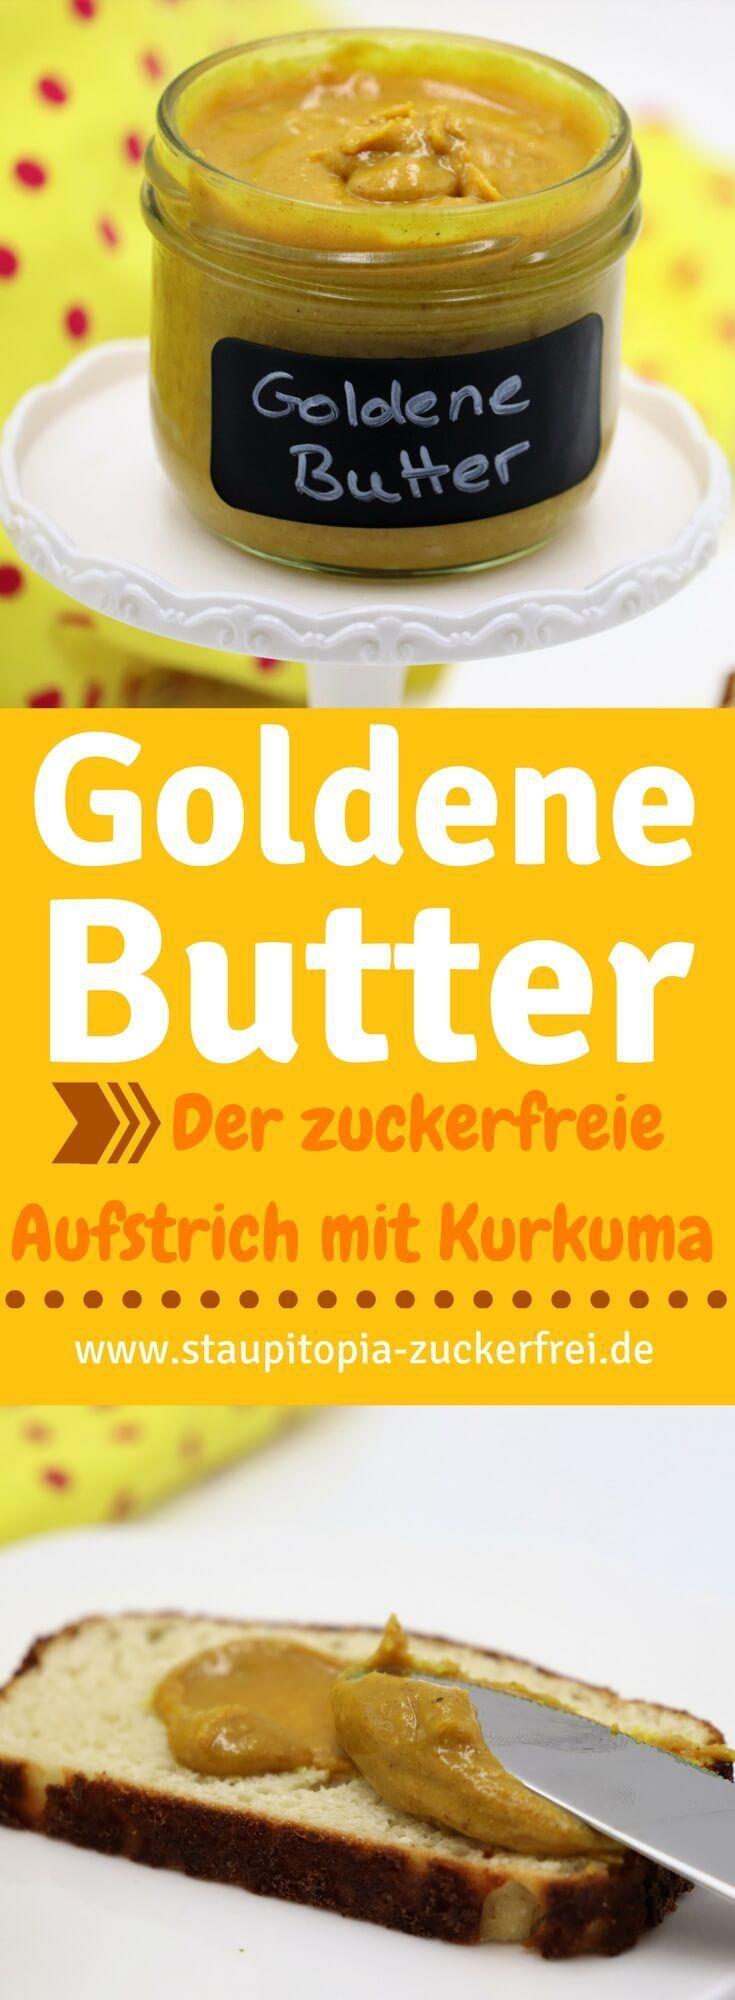 Goldene Butter - Ein gesunder Brotaufstrich als Pendant zur goldenen Milch: Die wundervollen Zutaten der goldenen Milch lassen sich wunderbar in einen köstlichen, zuckerfreien Brotaufstrich aus Mandeln und Kurkuma verwandeln. Ein Rezept für ein Frühstück ohne Zucker, dass du unbedingt ausprobieren musst! #kurkuma #aufstrich #ohnezucker #mandelcreme #staupitopia #frühstück #tumeric #brotaufstrich #lowcarb